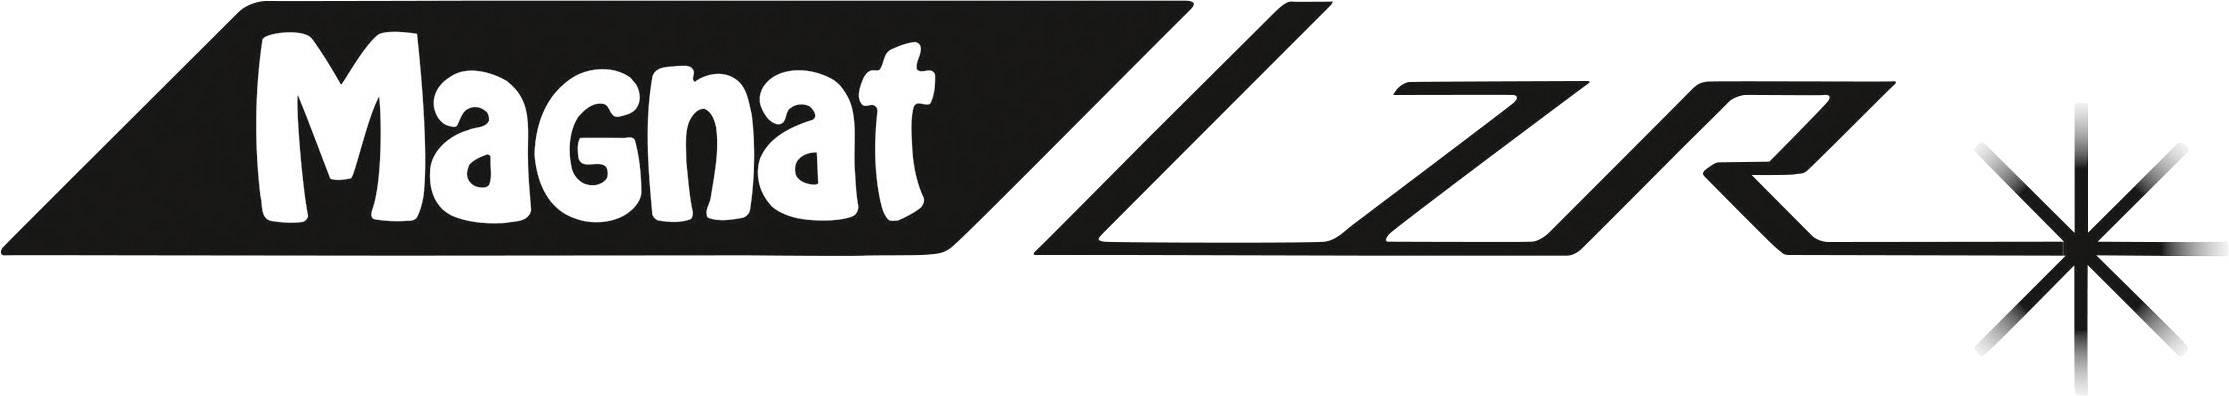 Magnat LZR